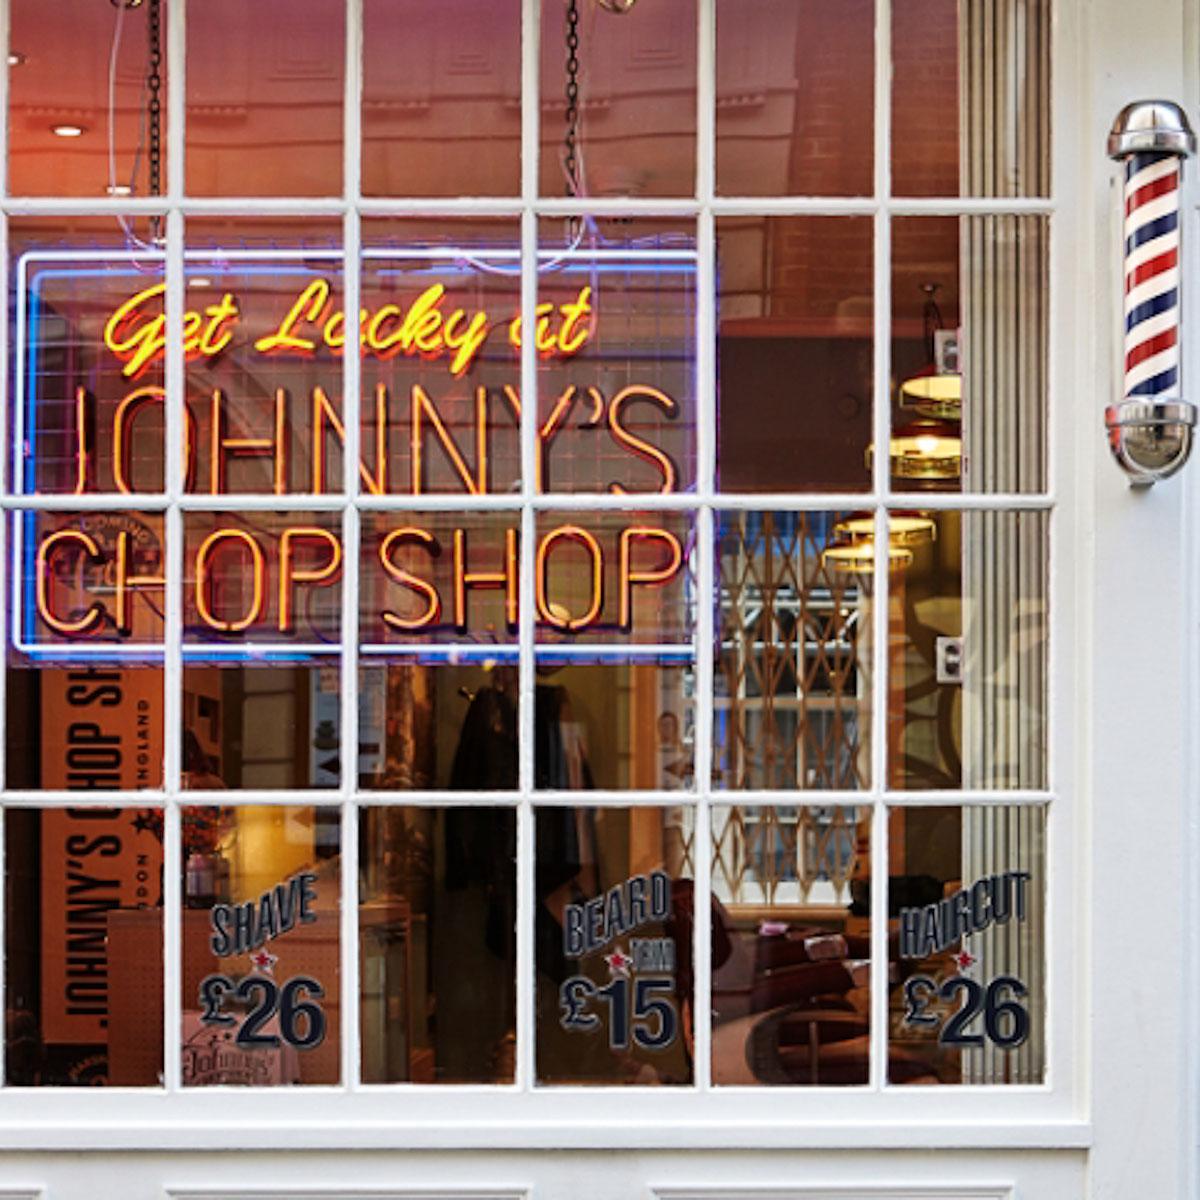 johnnys-chop-shop-best-london-barbershops-man-for-himself